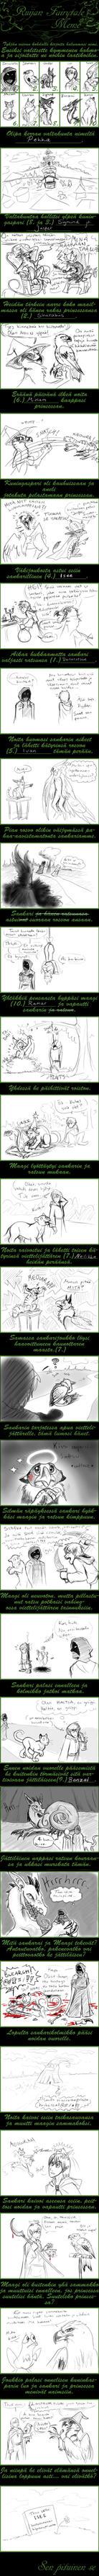 Ruijan Fairytale-meme by dorini